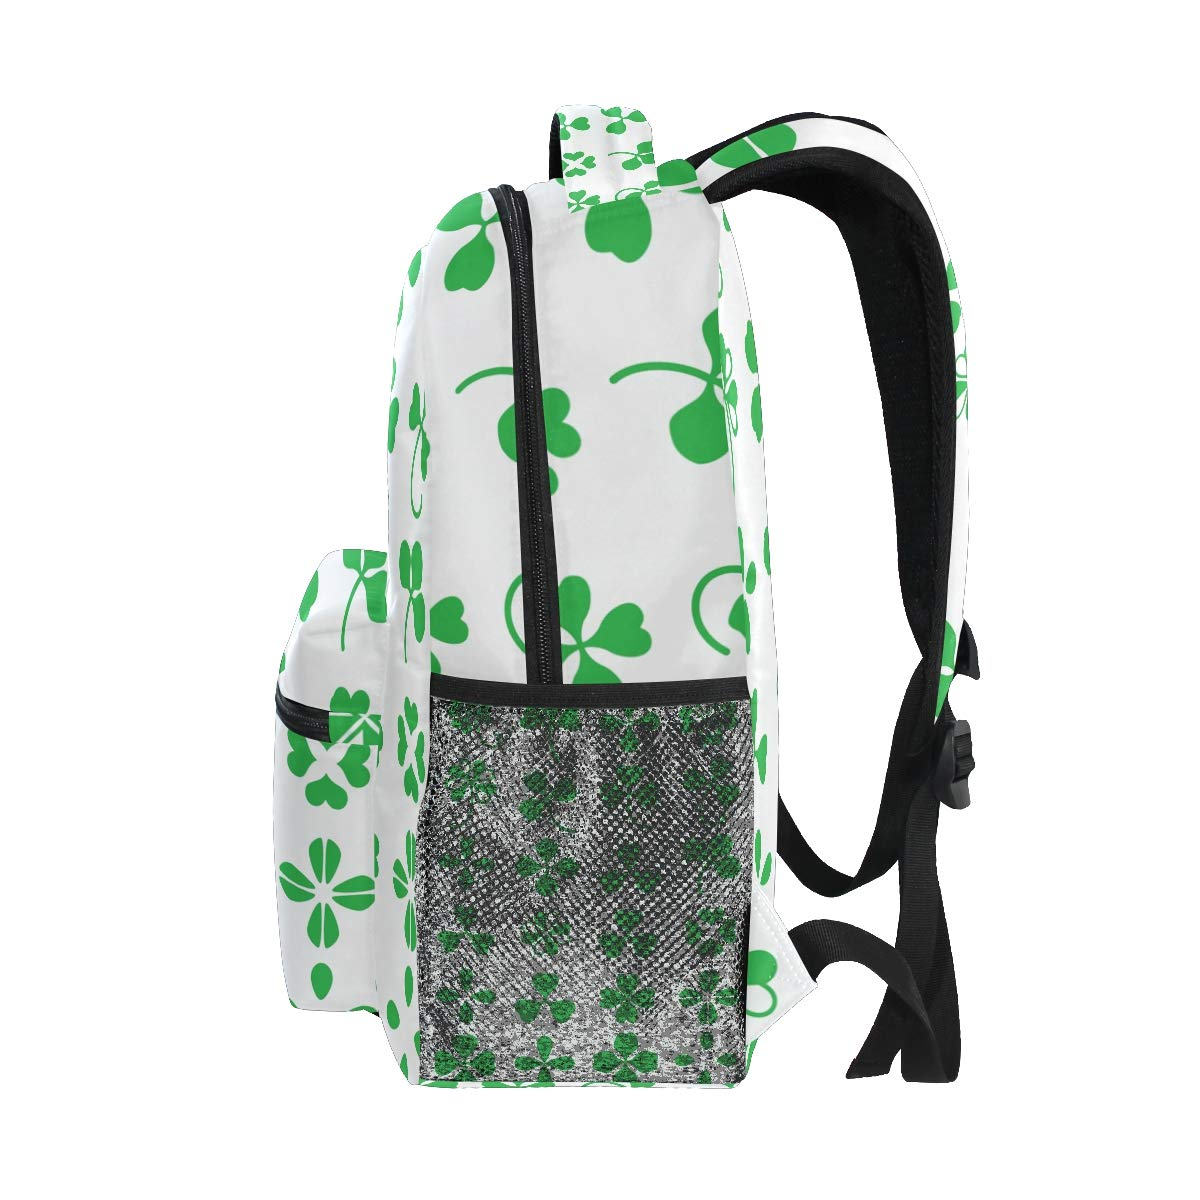 MALPLENA Modello Trifoglio Multiuso Zaino Zaino da Scuola Zaini e borse sportive